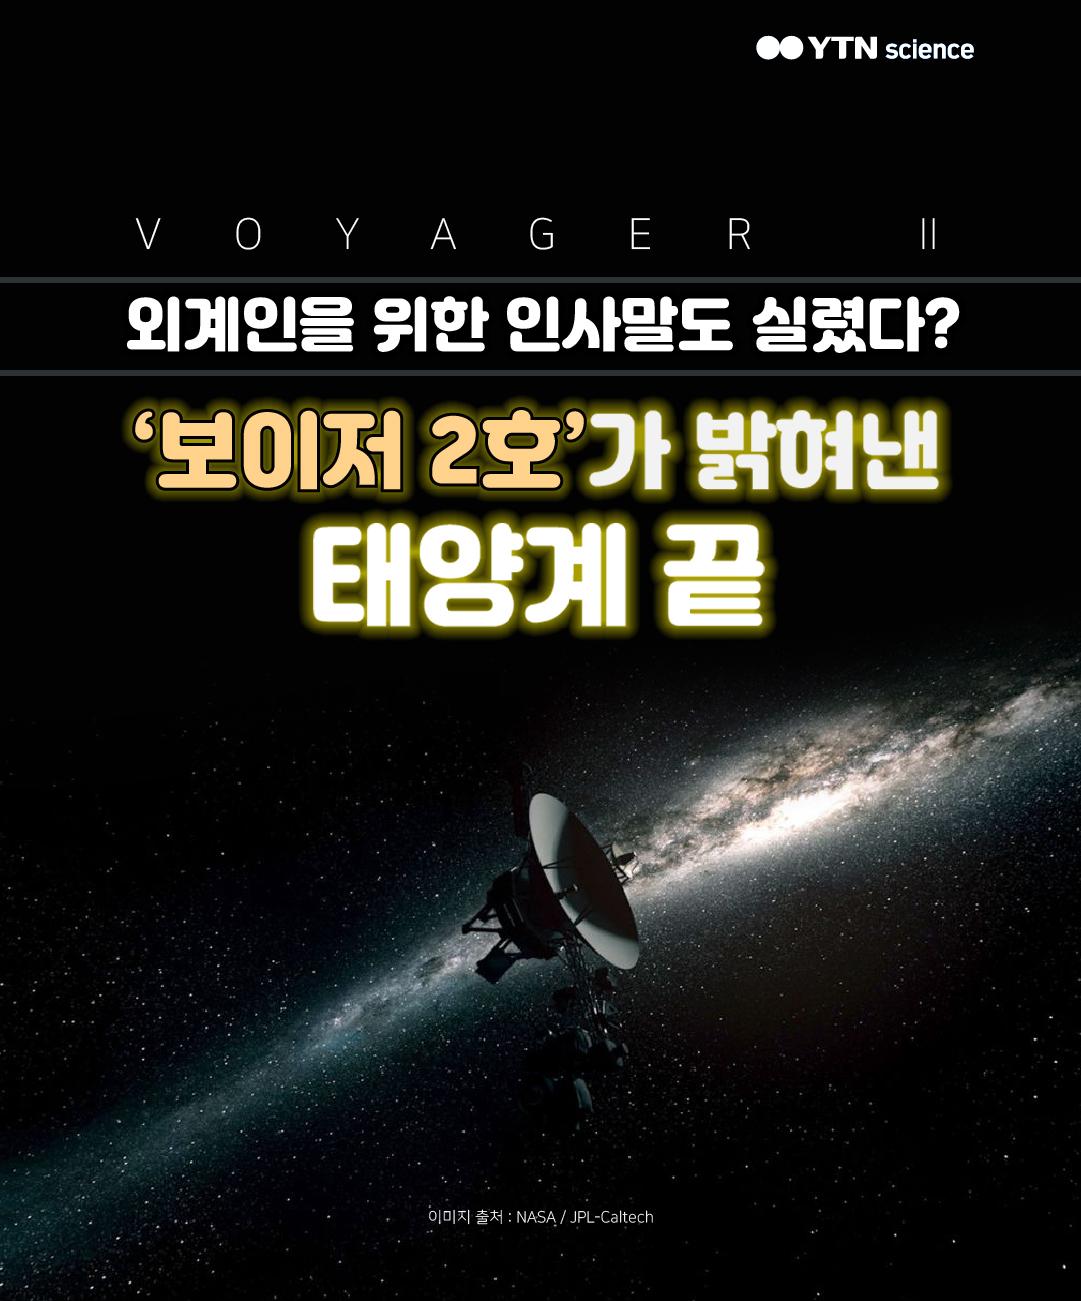 외계인을 위한 인사말도 실렸다? '보이저 2호'가 밝혀낸 태양계 끝 이미지